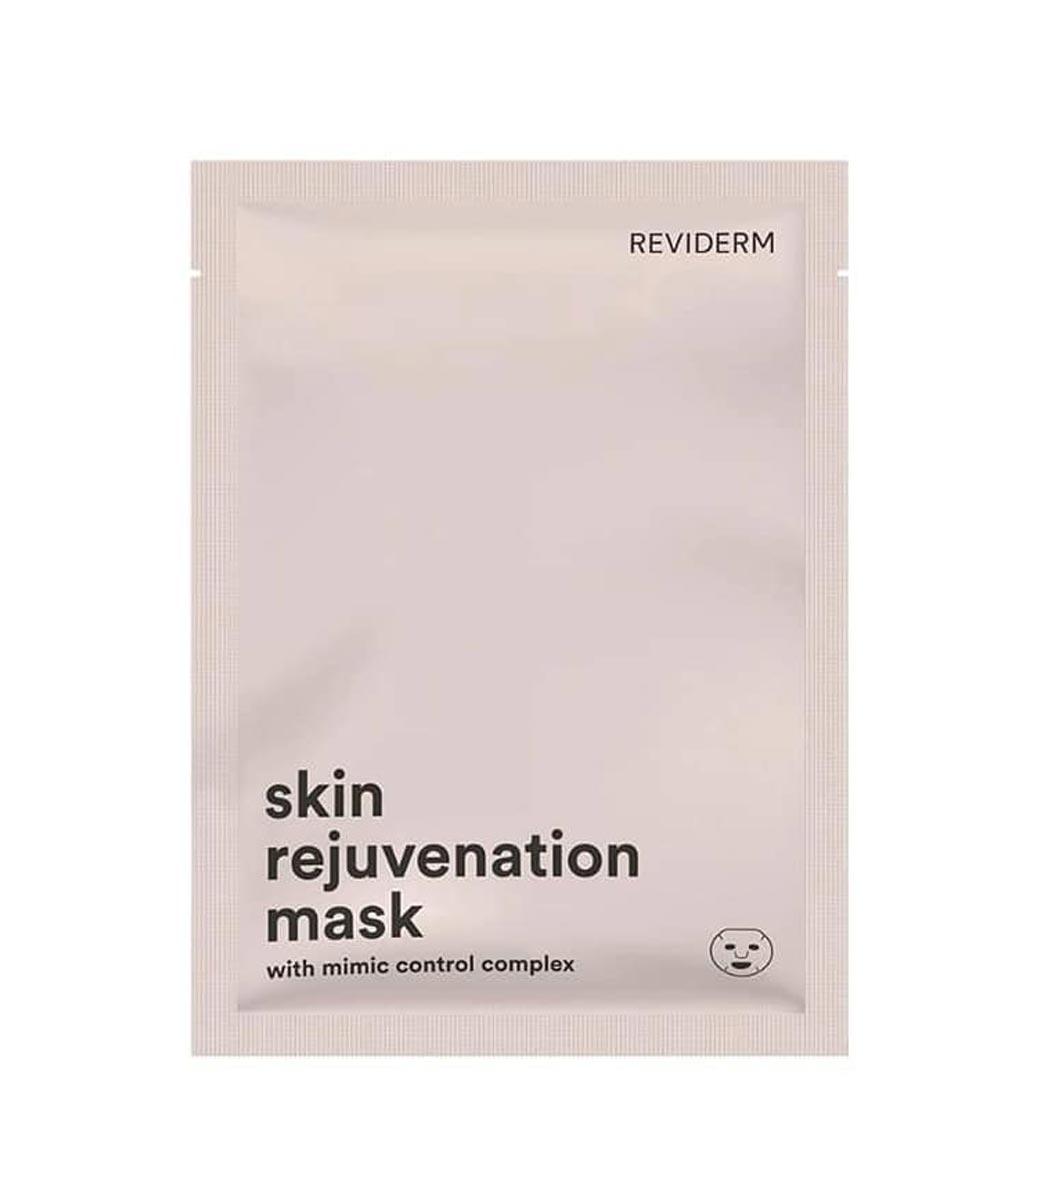 skin rejuvenation mask